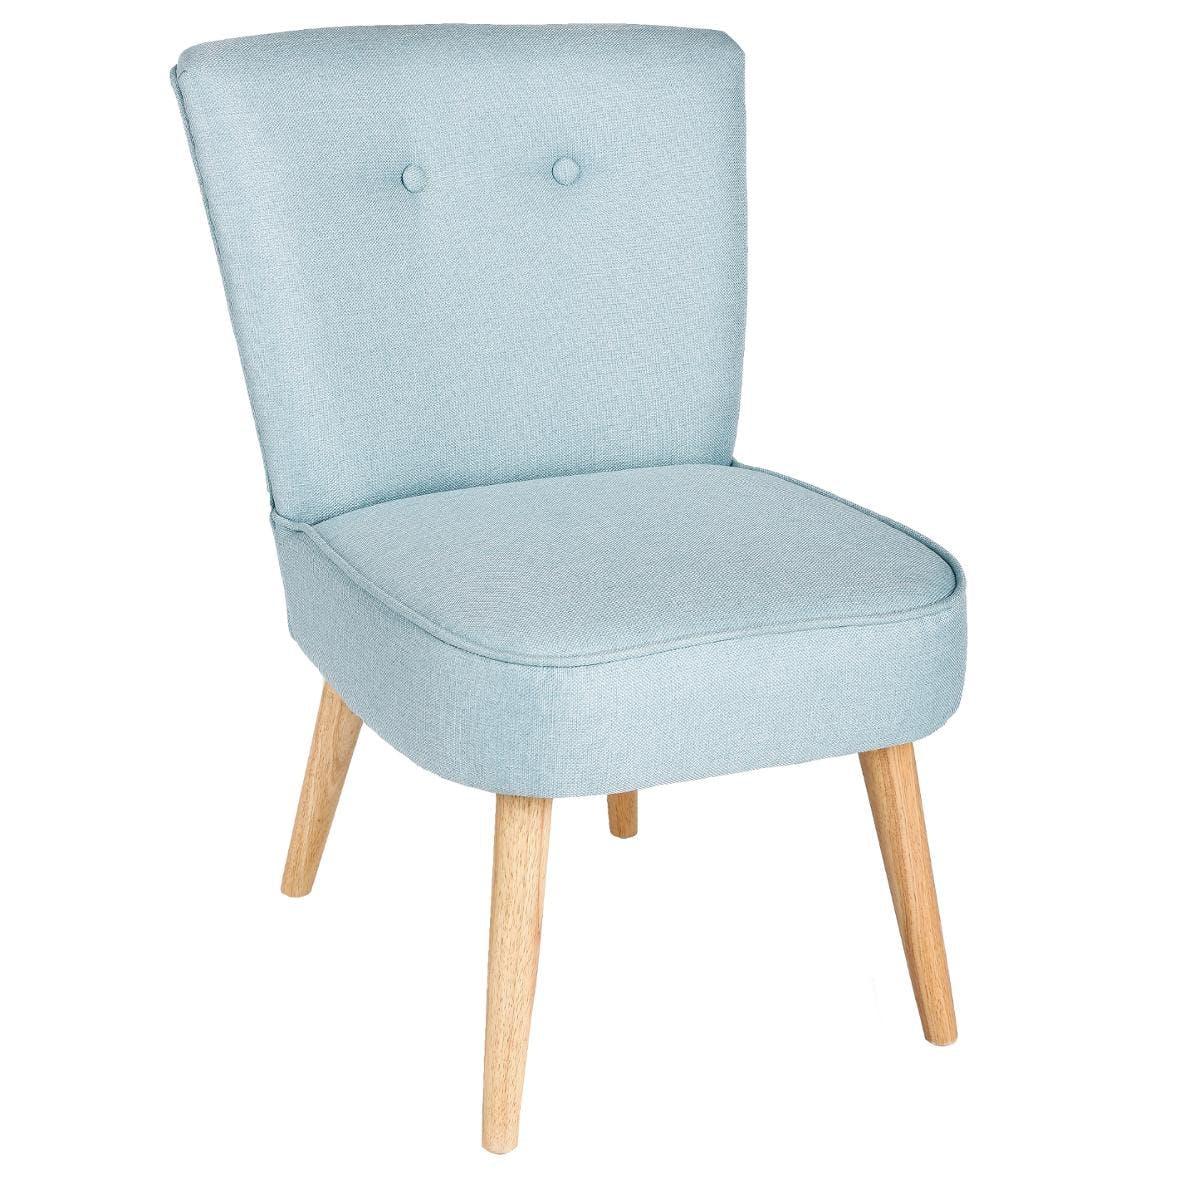 Fauteuil esprit Scandinave en tissu bleu clair et pieds bois 51x58x76cm